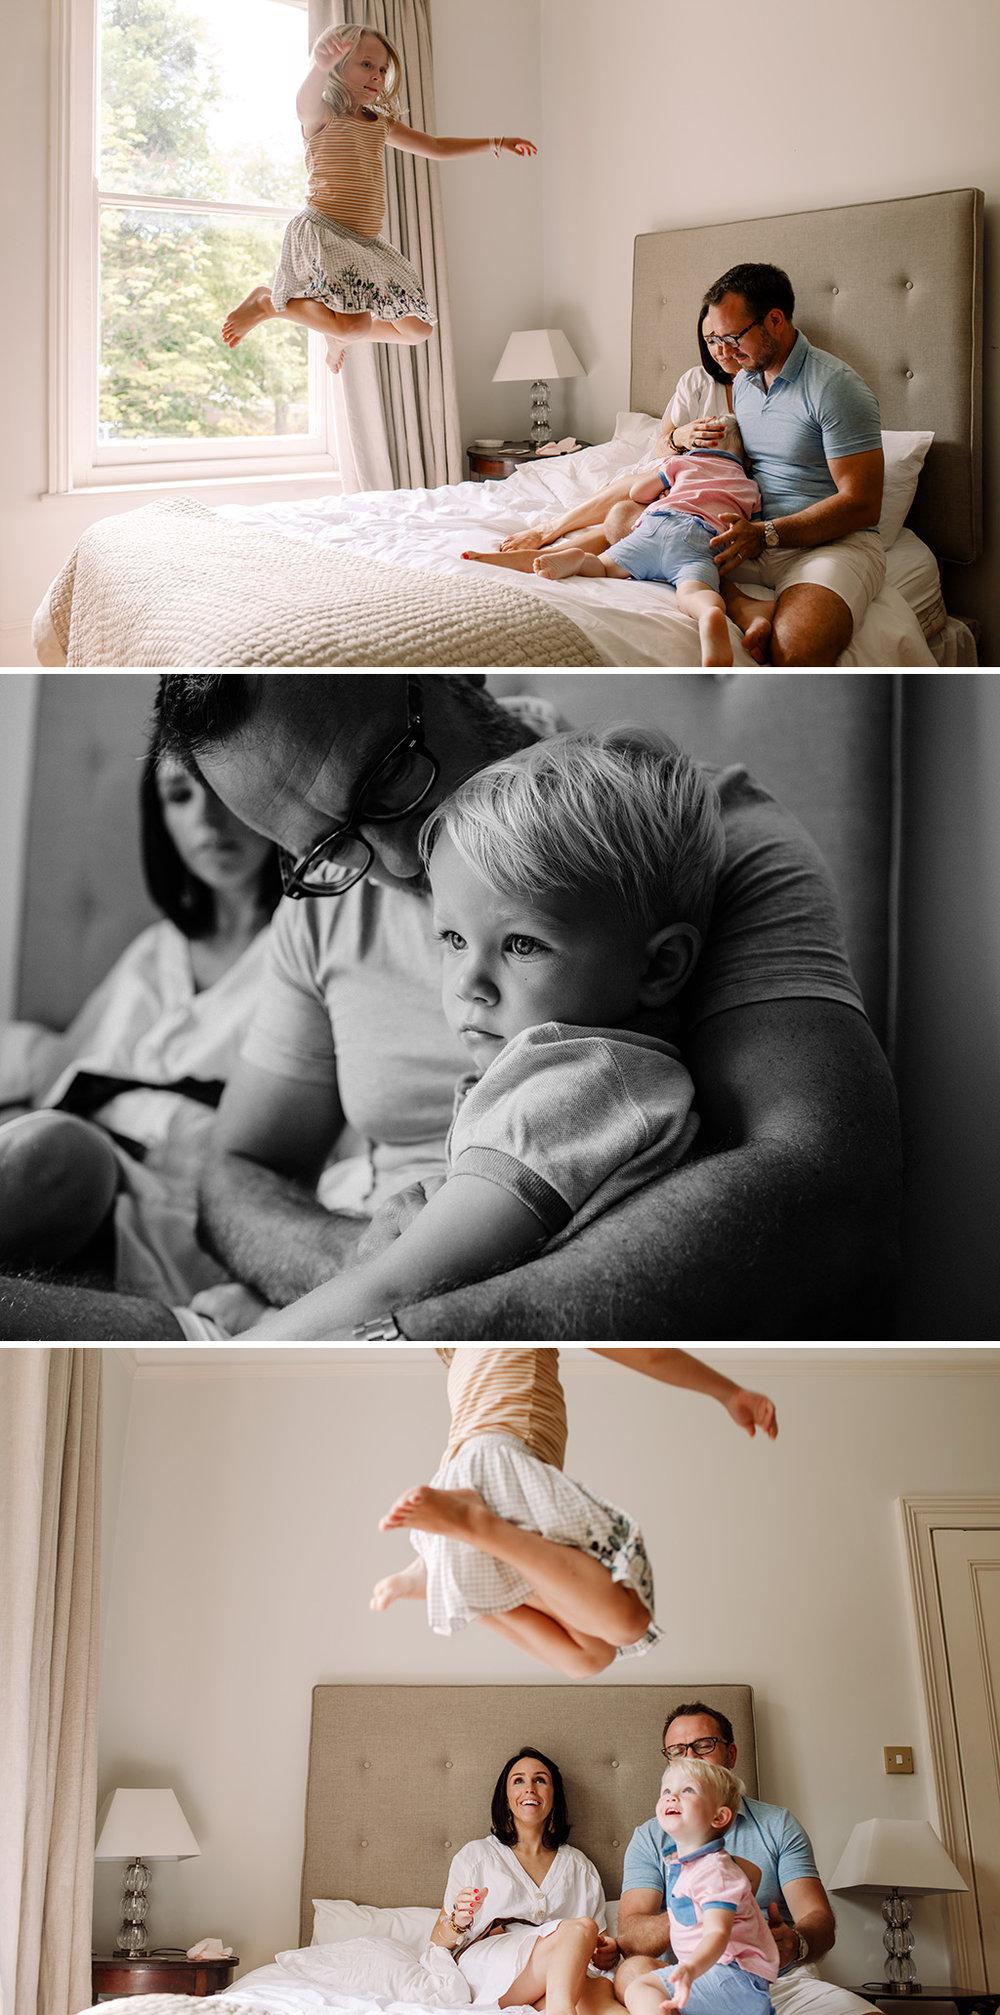 Lifestylefamiljefotografering-hemmahosfotografering_Anna_Sandstrom_3.jpg